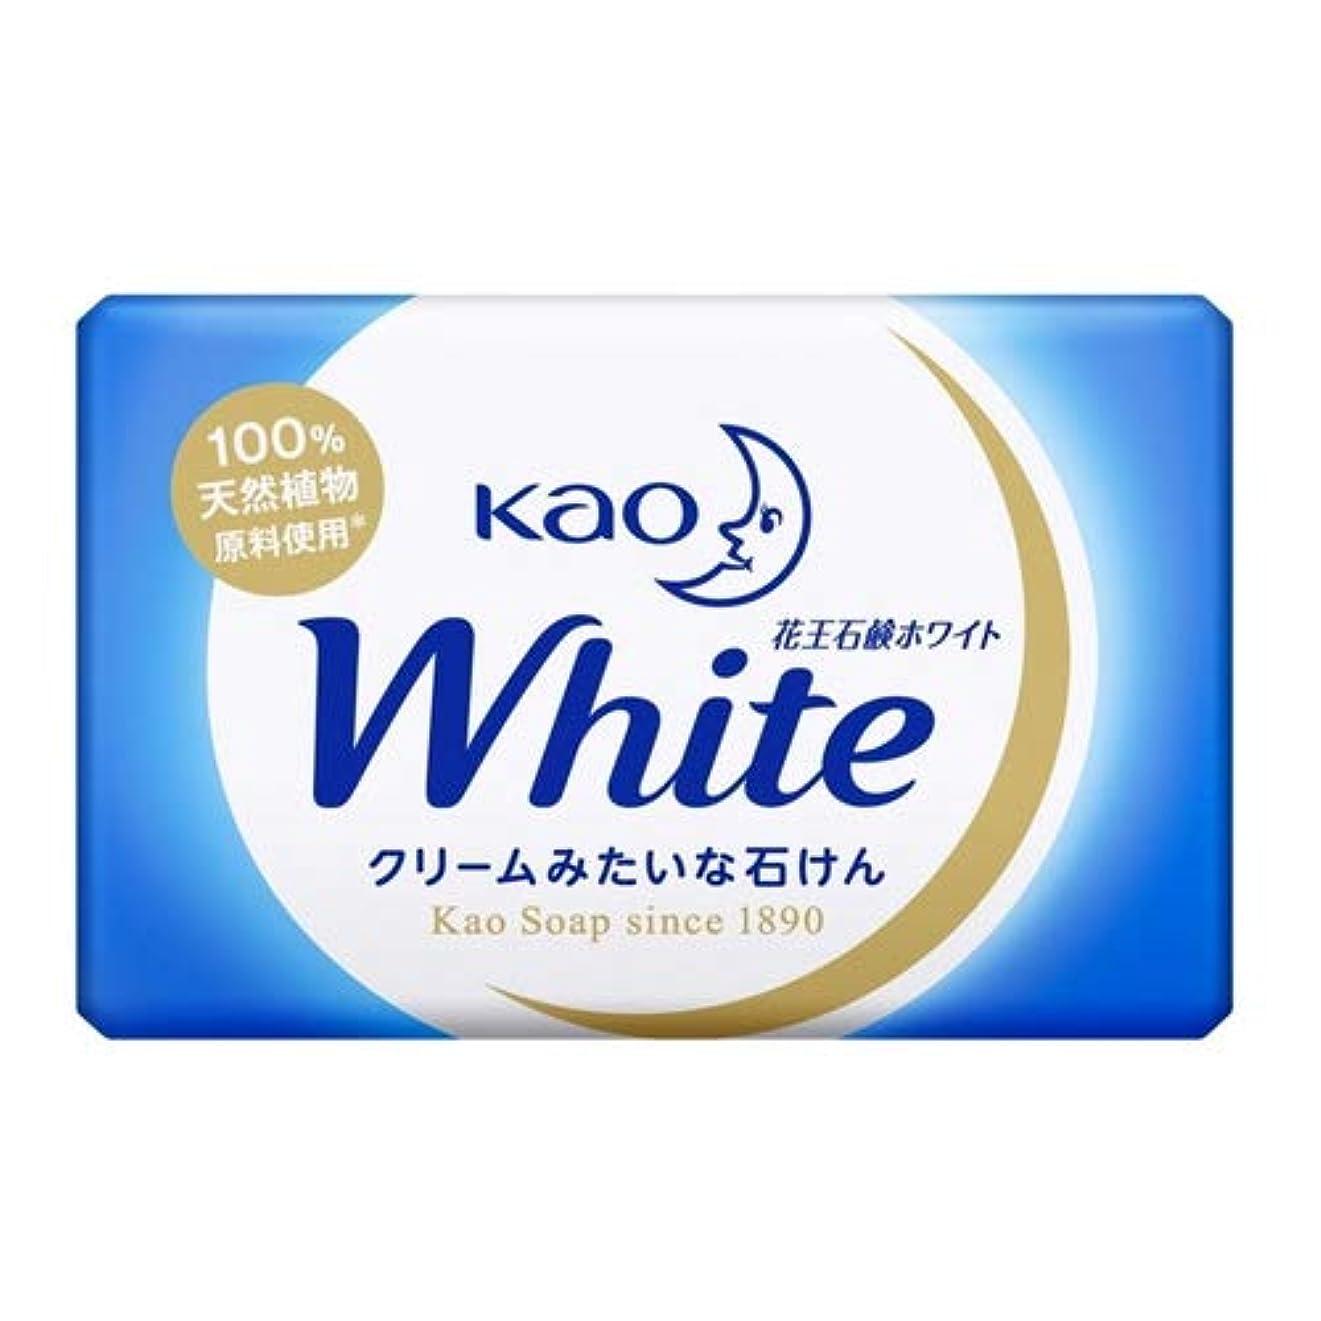 ワンダー適応する植木花王石鹸ホワイト 業務用ミニサイズ 15g × 10個セット